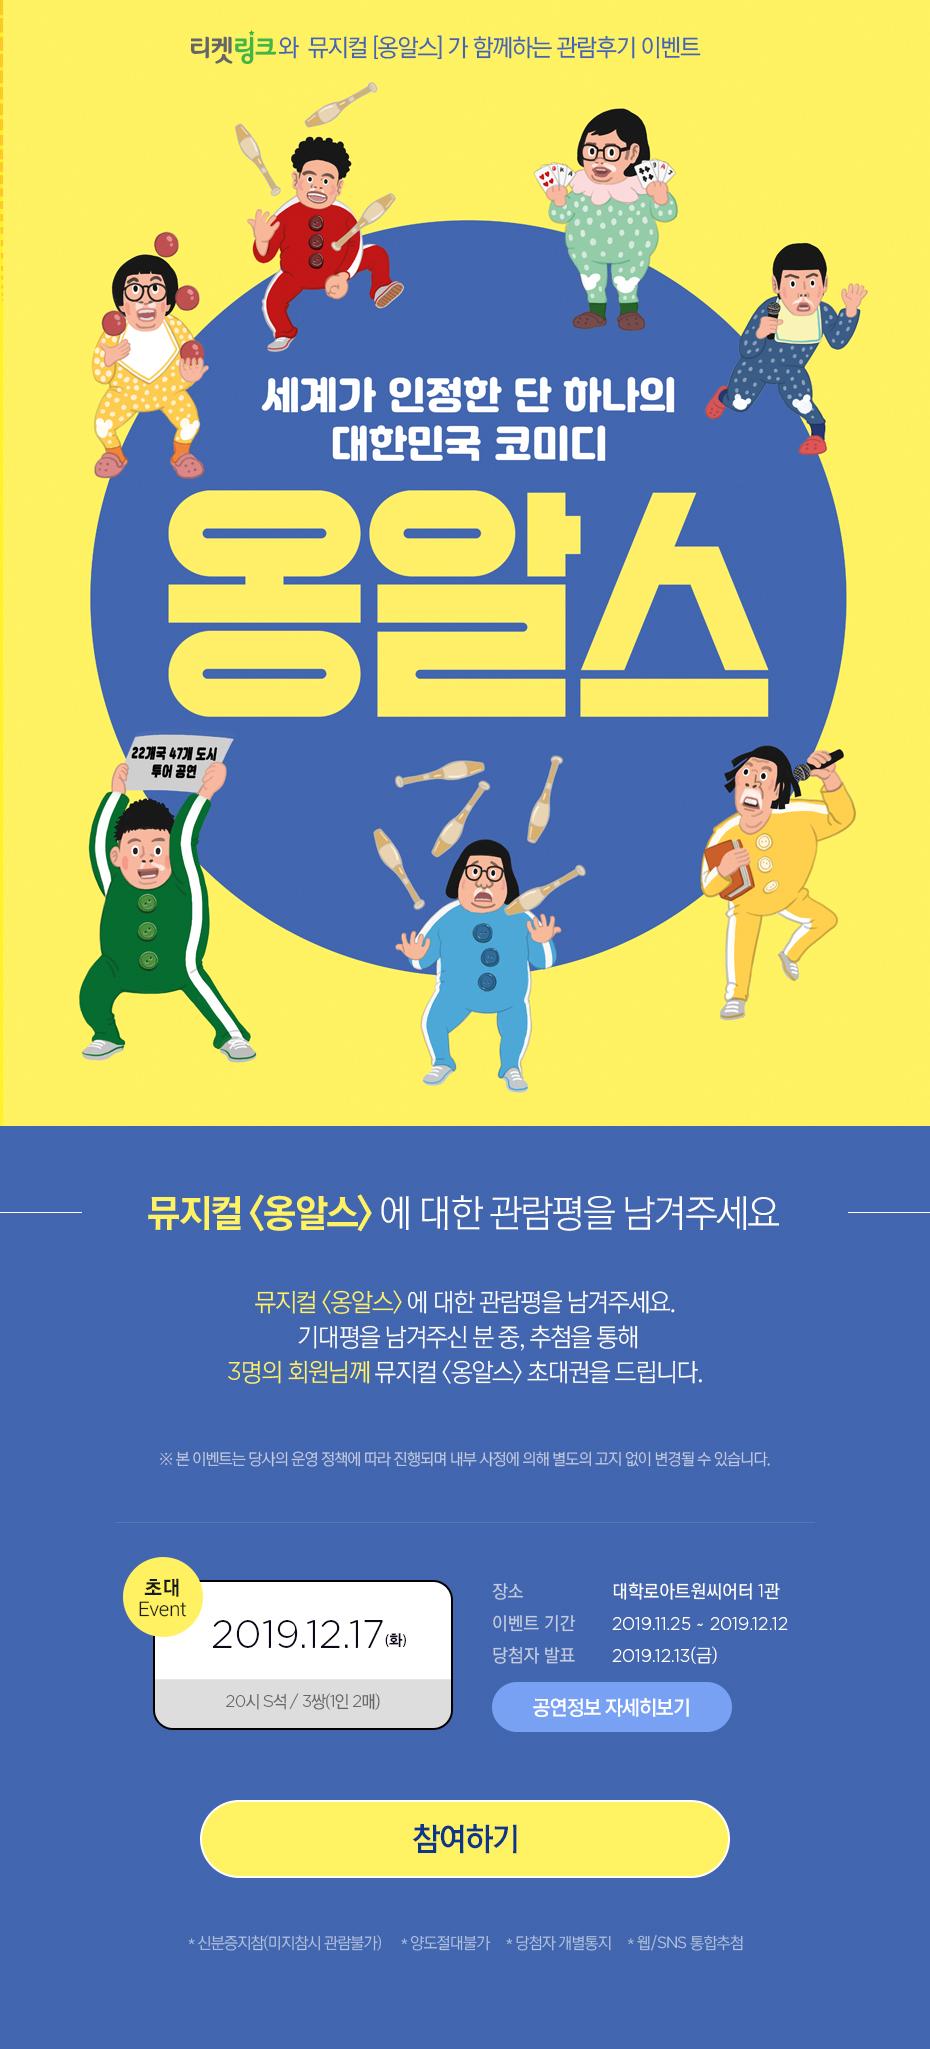 뮤지컬 <옹알스> 관람평이벤트